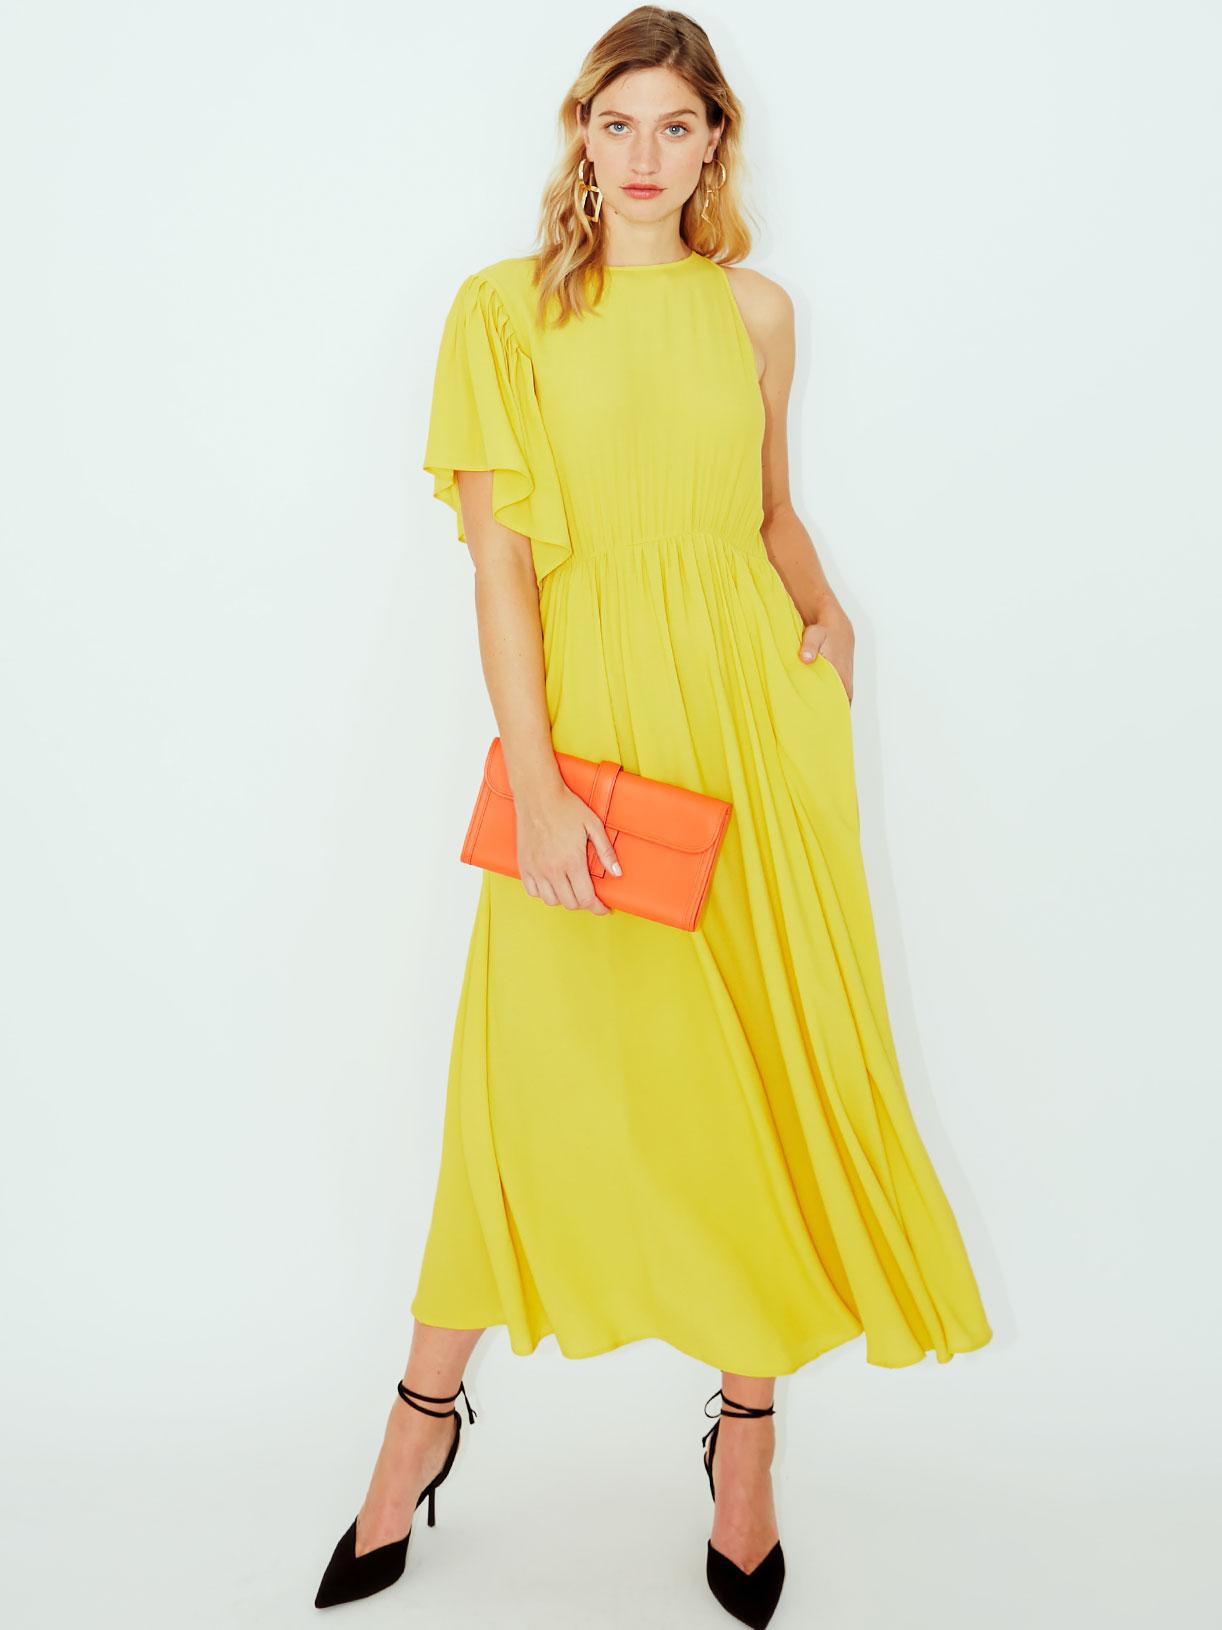 Robe longue jaune asymetrique pour invitee mariage ou soiree cocktail vegan et ecoresponsable - Myphilosophy